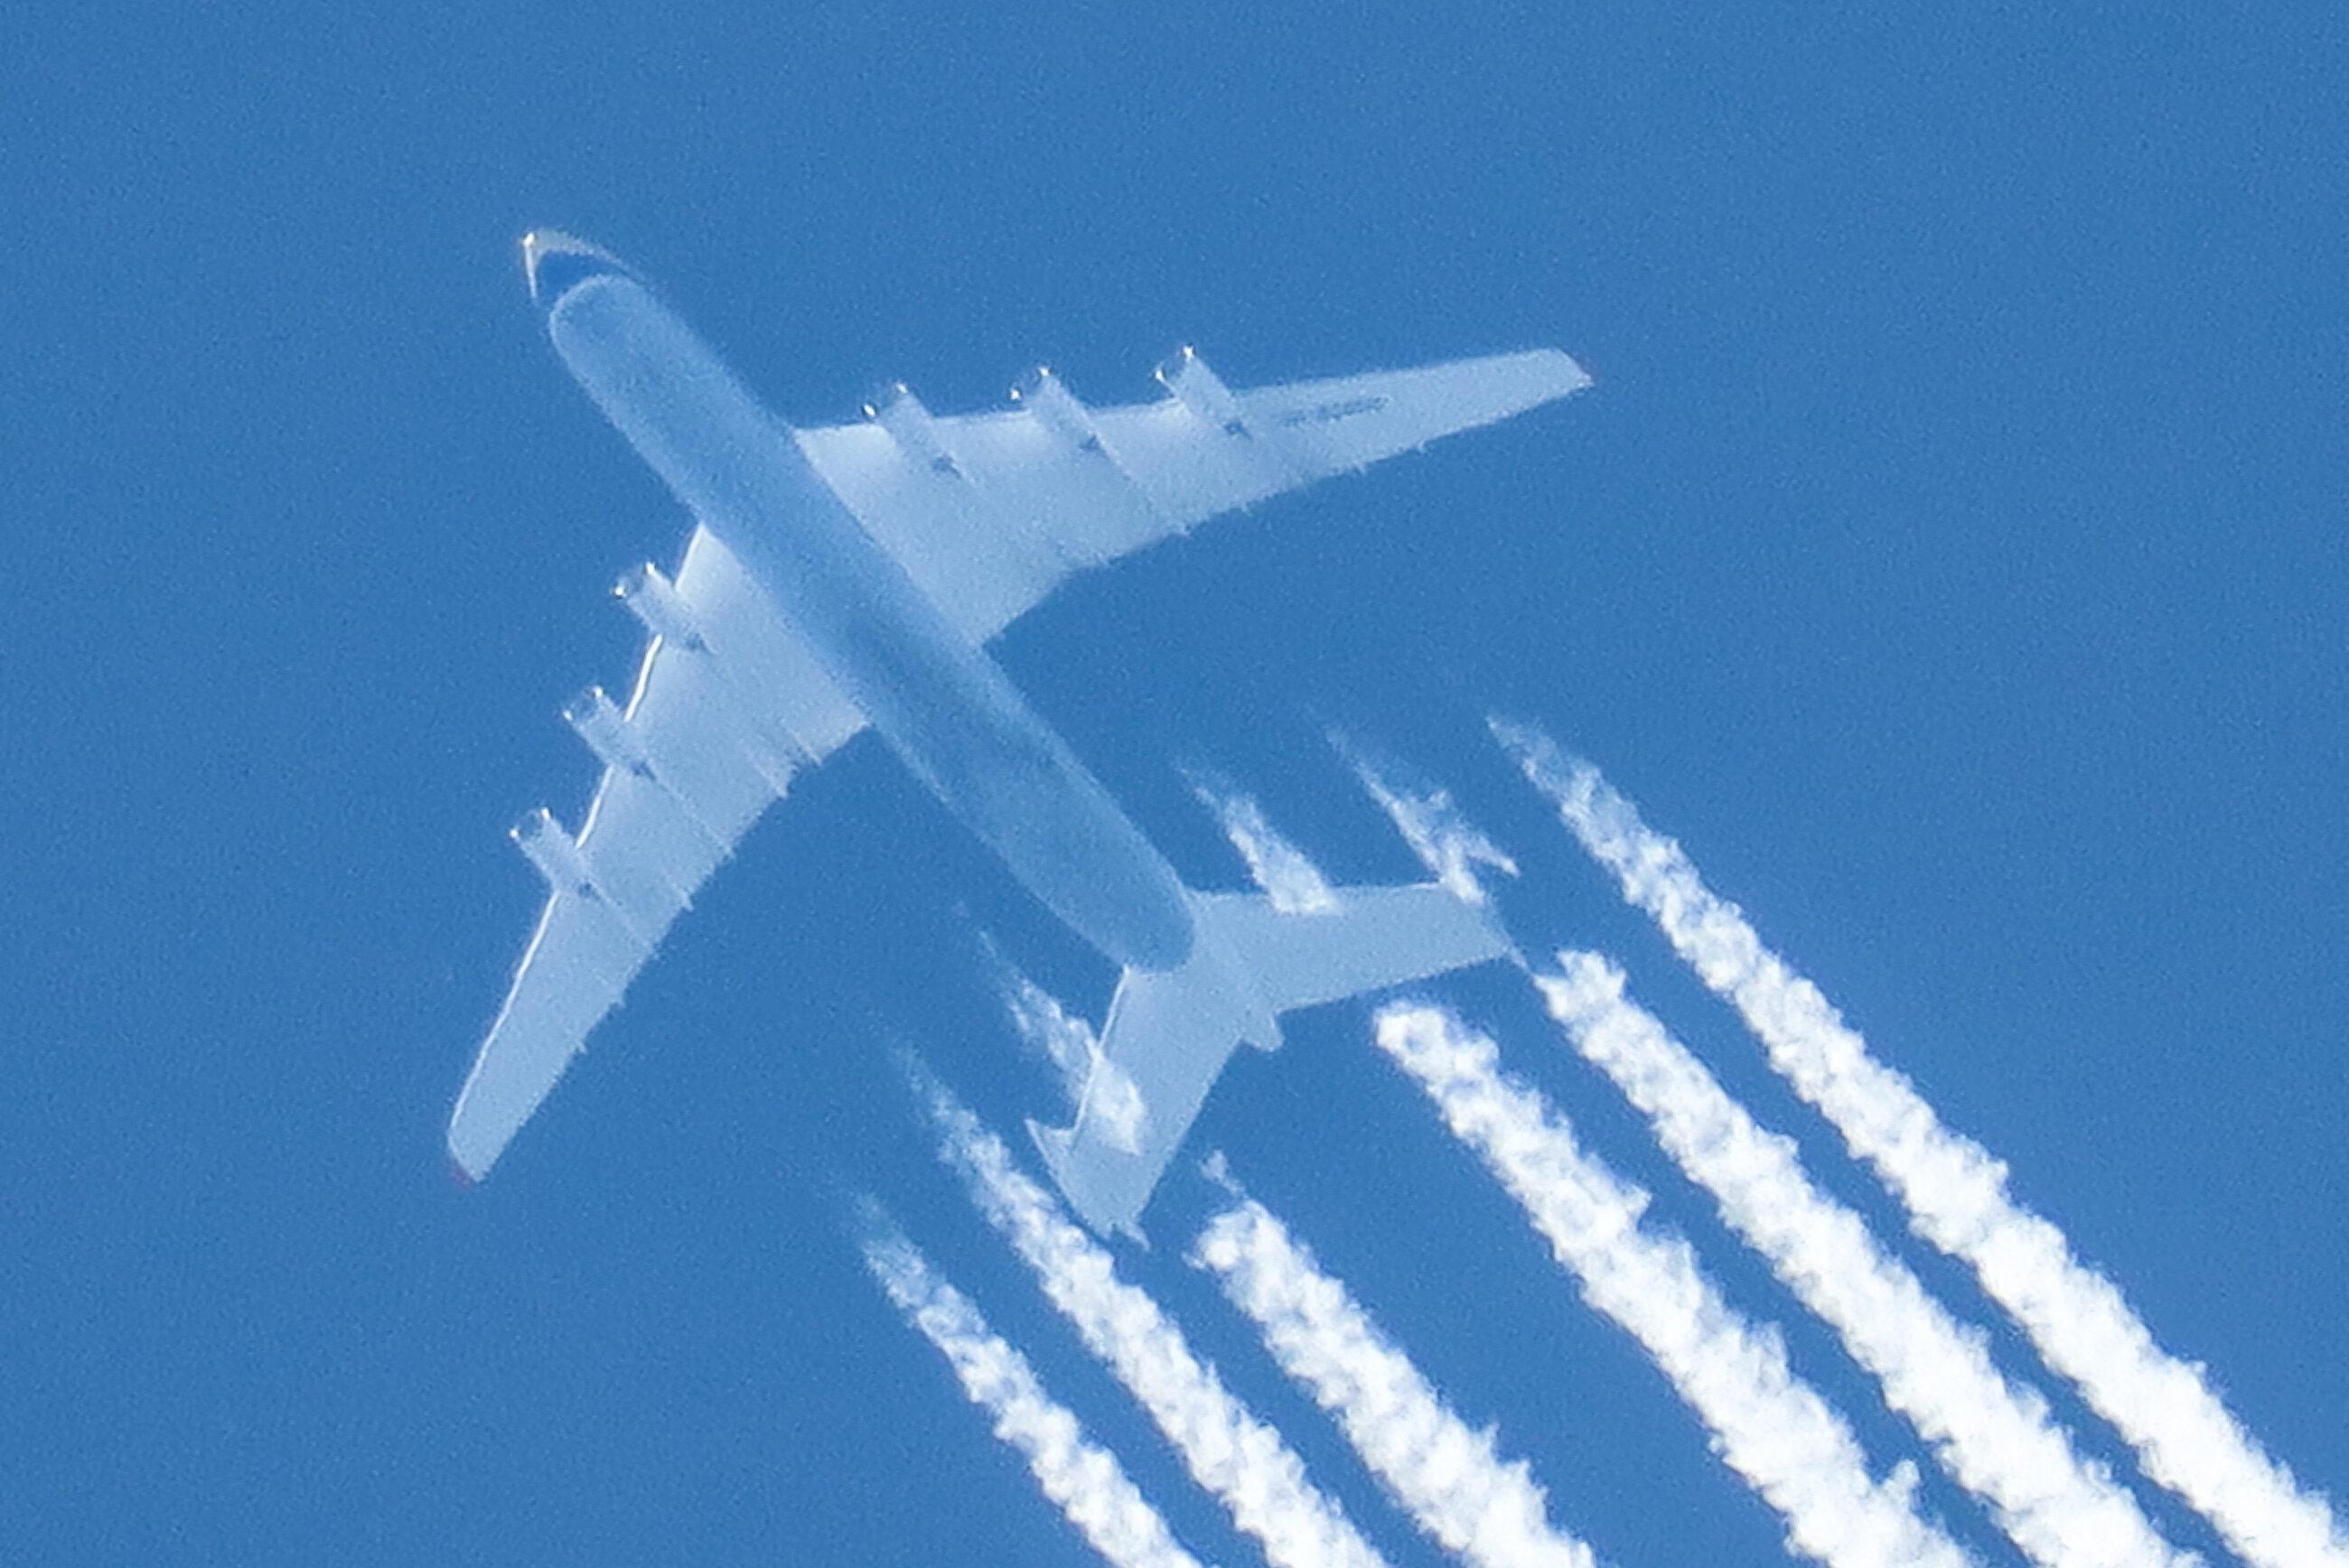 Samolot na wysokości przelotowej, zdj. ilustracyjne